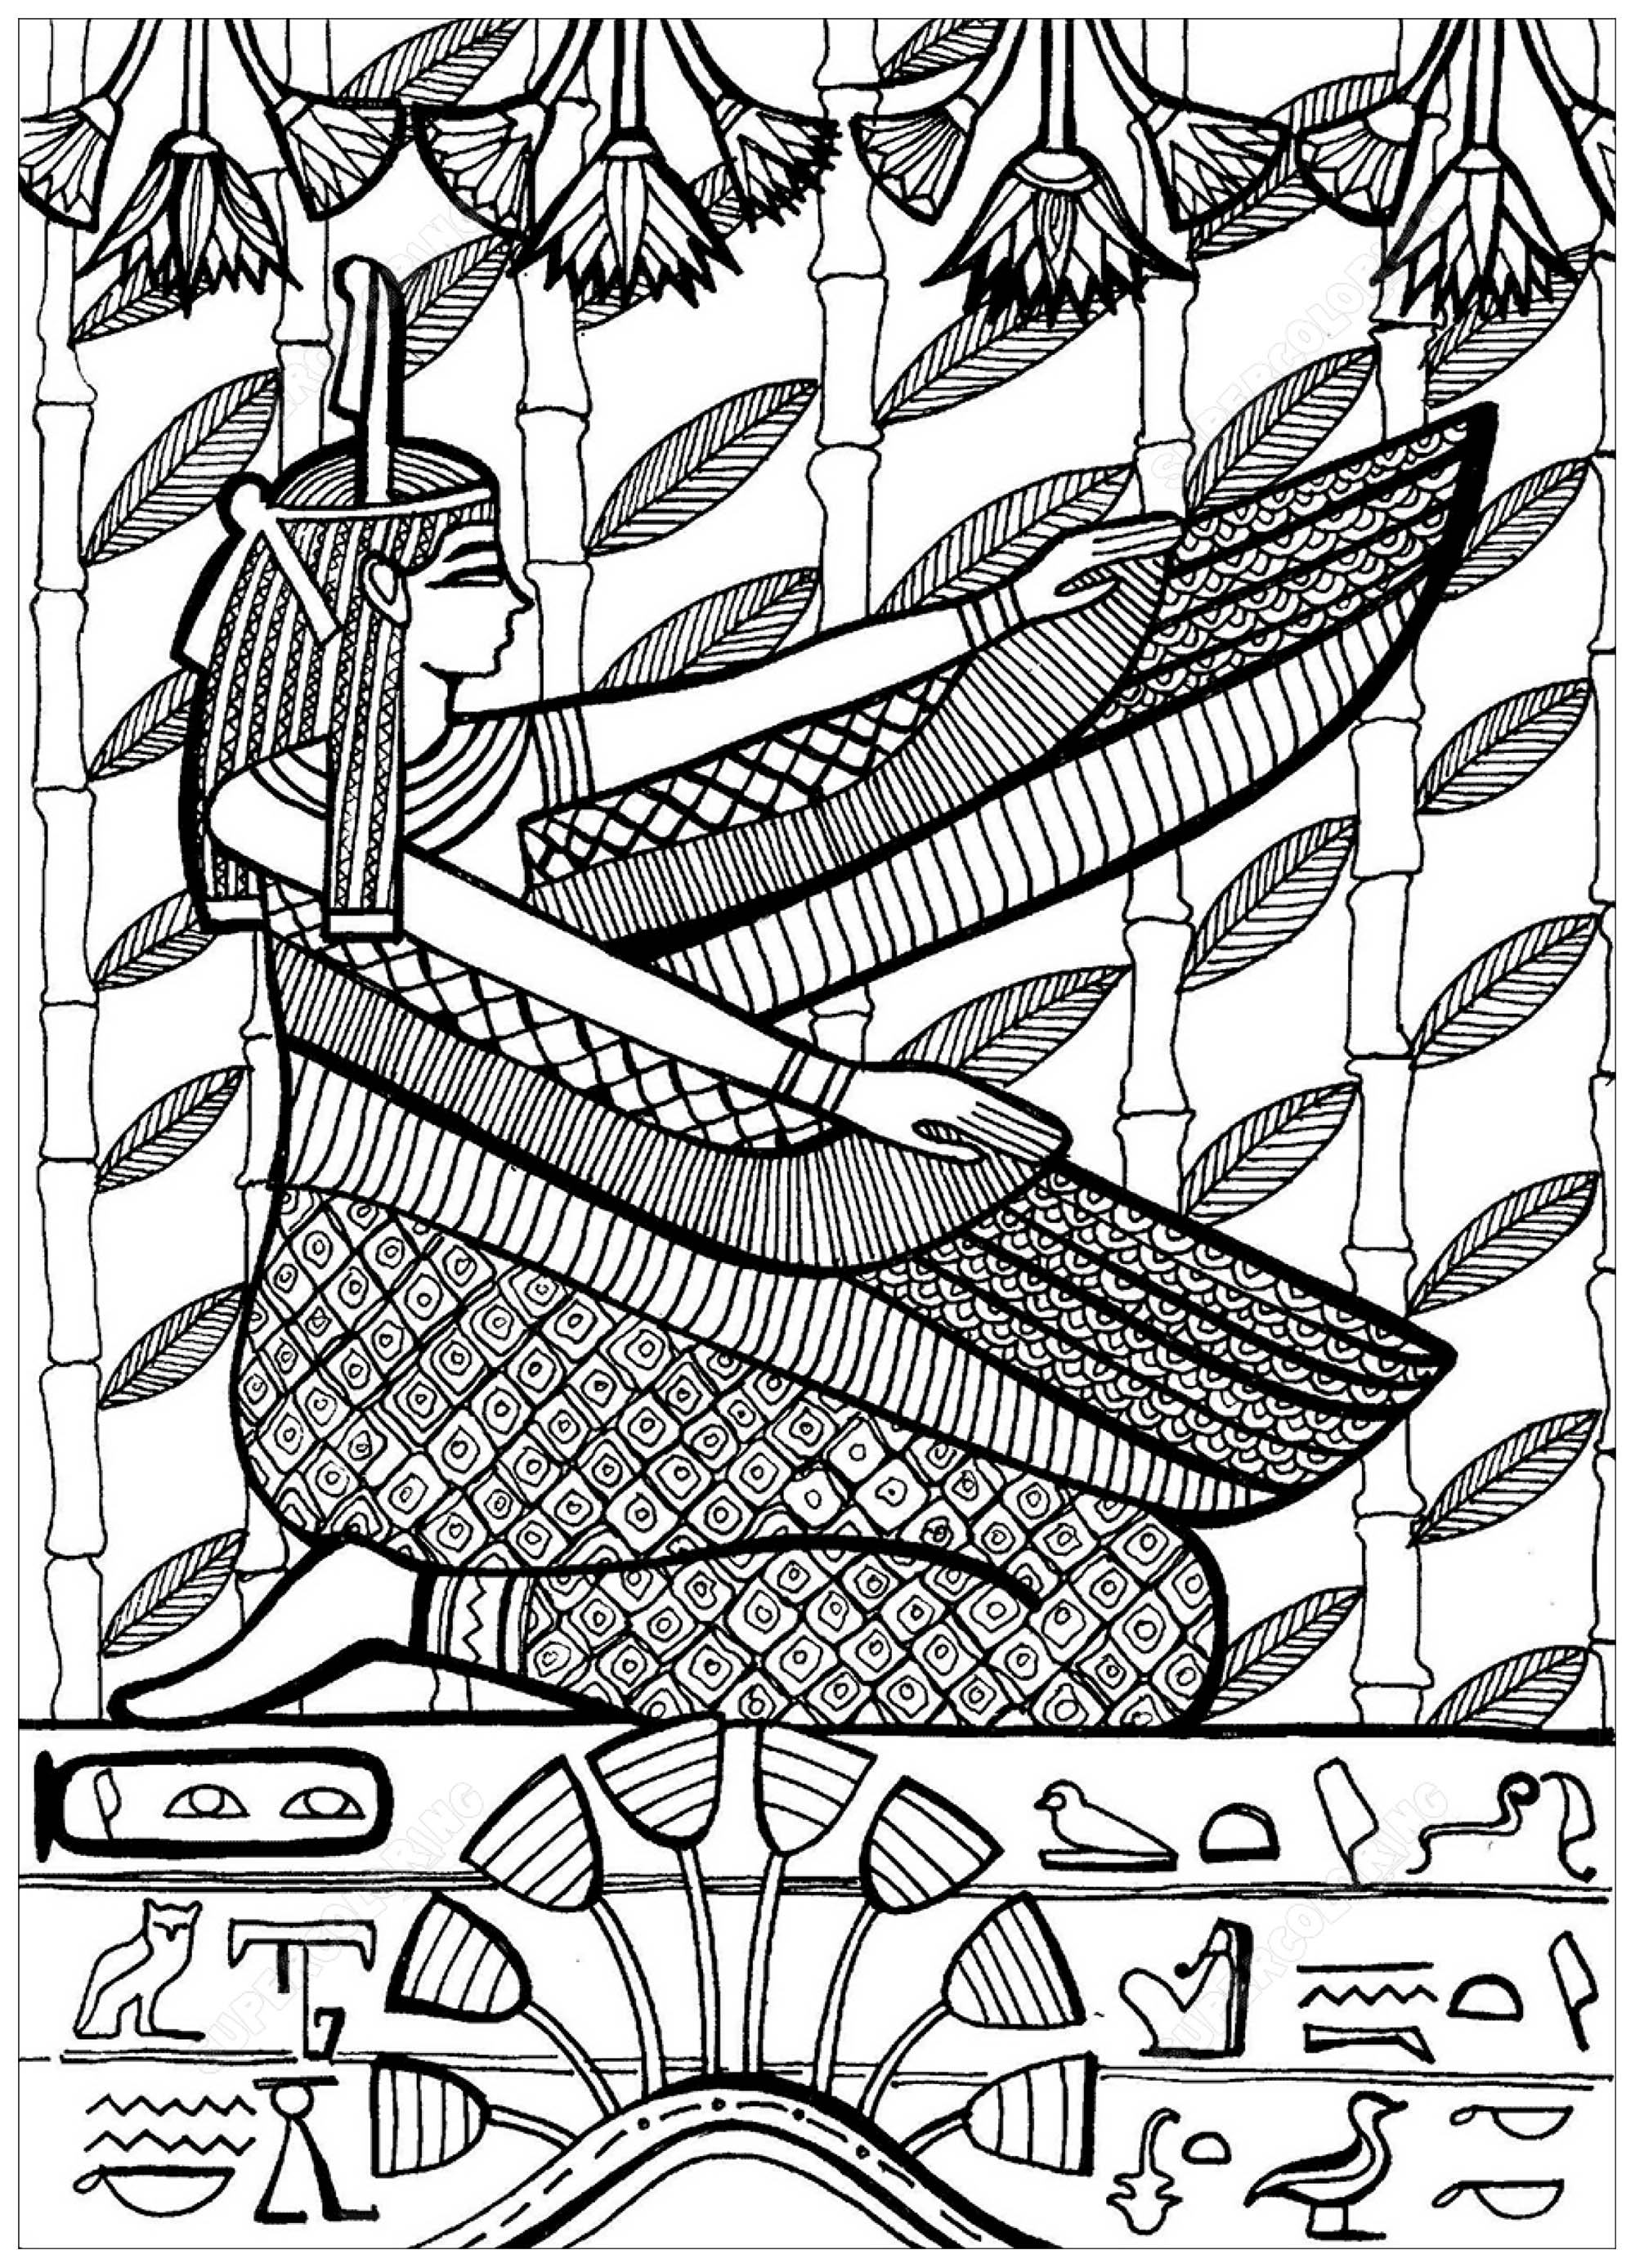 Disegni da colorare per adulti : Egitto & Geroglifici - 6